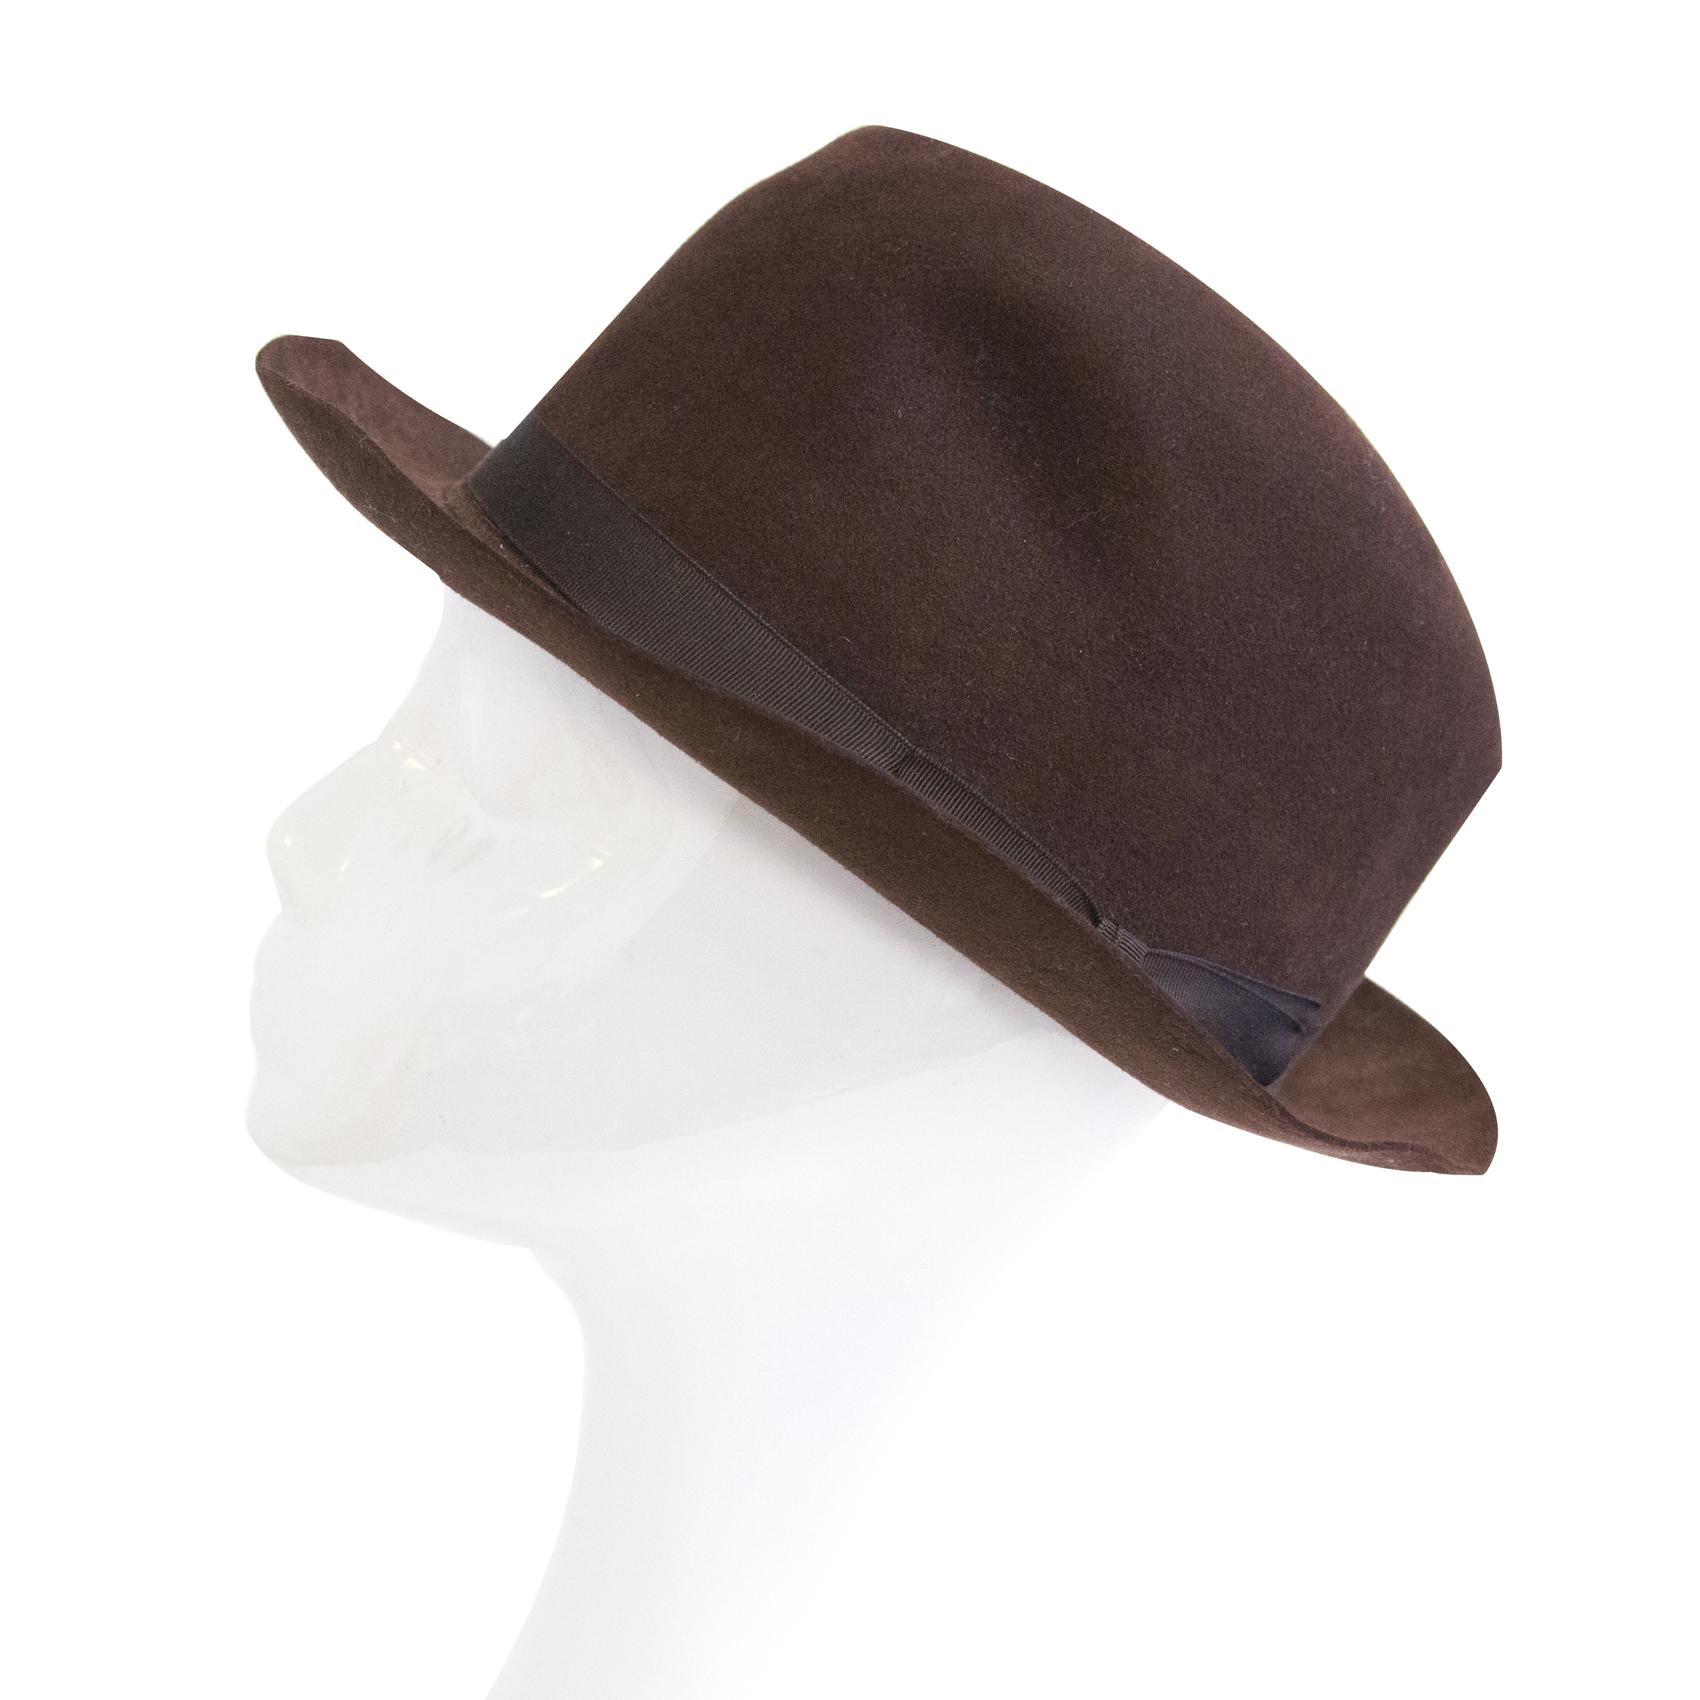 073e932a505 Christys London Sportsman Hat